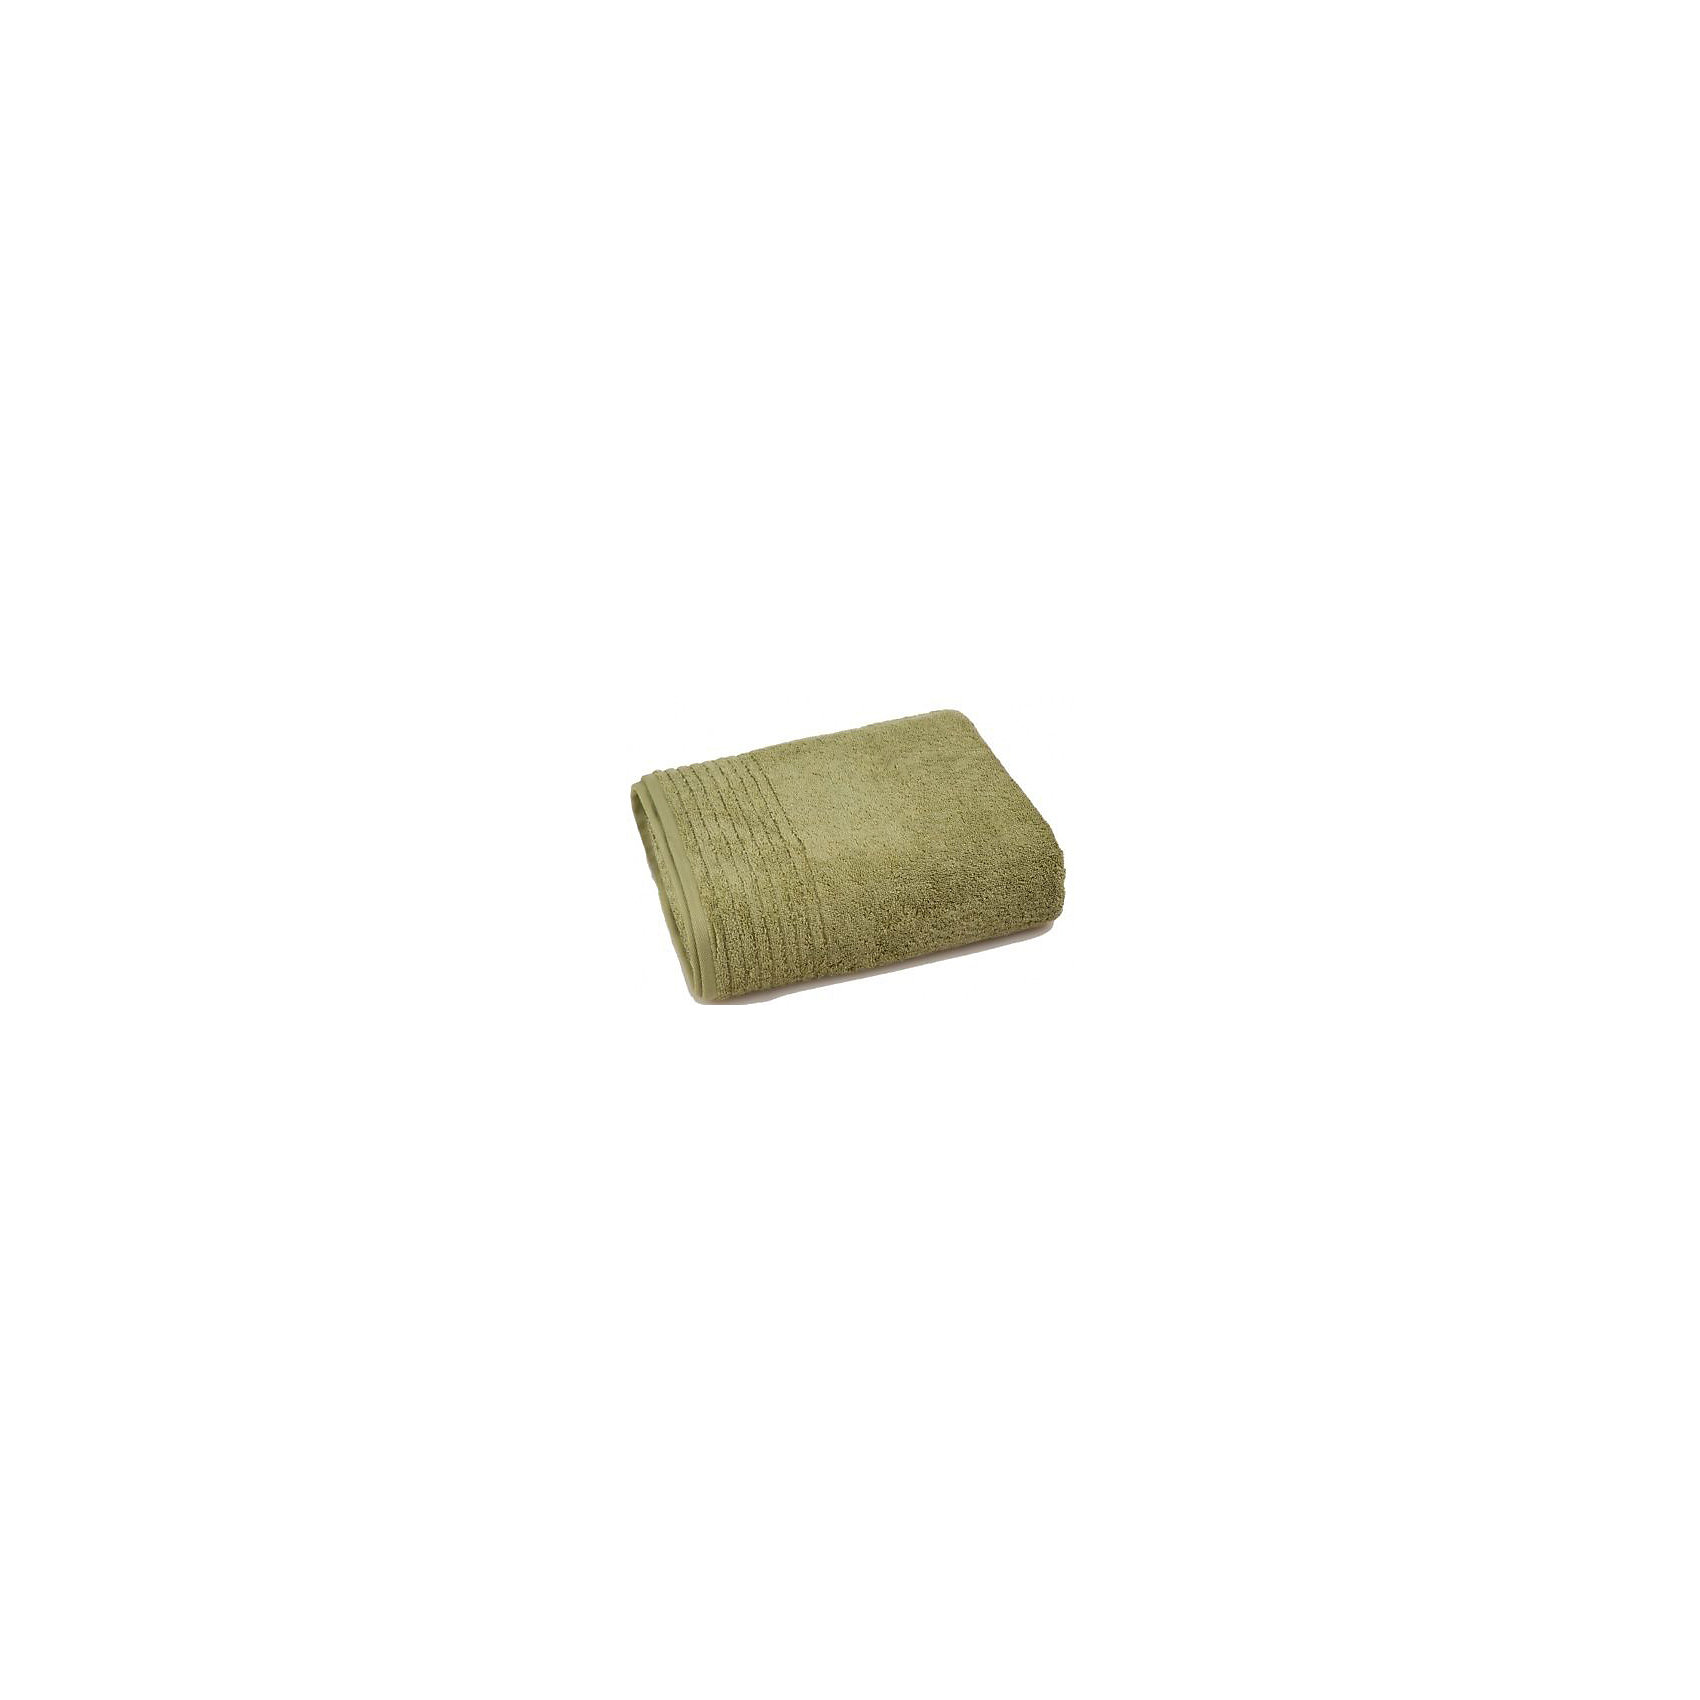 Полотенце махровое 50*90, Luxury Ayurveda, herbalМахровое полотенце Luxury Ayurveda изготовлено из качественного натурального хлопка. Приятный дизайн полотенца отлично подойдет для вашей ванной комнаты.<br><br>Особенности:<br>-отлично впитывает влагу<br>-высокая гигроскопичность<br>-остается мягким на протяжении длительного времени<br>-объем увеличивается после стирки<br>-не уменьшаются в размере<br>-технология Hygro от Welspun<br>-входит в эксклюзивную коллекцию, не имеющая аналогов<br><br>Дополнительная информация:<br>Материал: 100% хлопок<br>Размер: 50х90 см<br>Цвет: травяной<br>Торговая марка: Luxury Ayurveda<br><br>Вы можете купить махровое полотенце  Luxury Ayurveda в нашем интернет-магазине.<br><br>Ширина мм: 500<br>Глубина мм: 500<br>Высота мм: 200<br>Вес г: 450<br>Возраст от месяцев: 0<br>Возраст до месяцев: 144<br>Пол: Унисекс<br>Возраст: Детский<br>SKU: 5010993